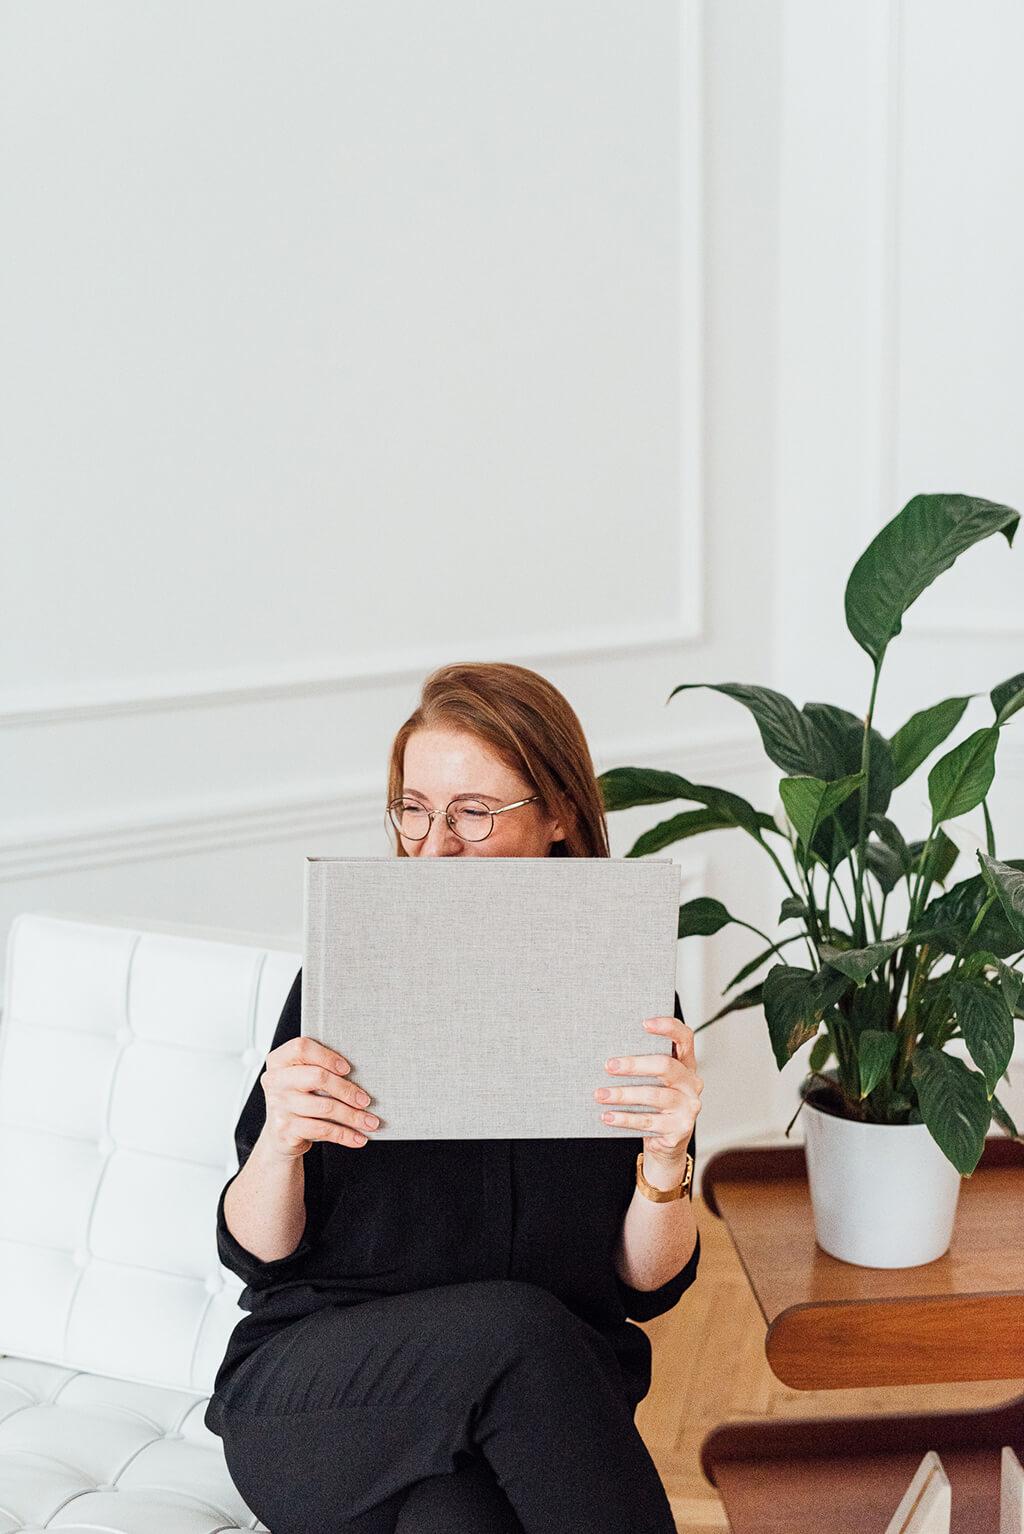 Jak zbudować markę? Pokaż swoją osobowość!